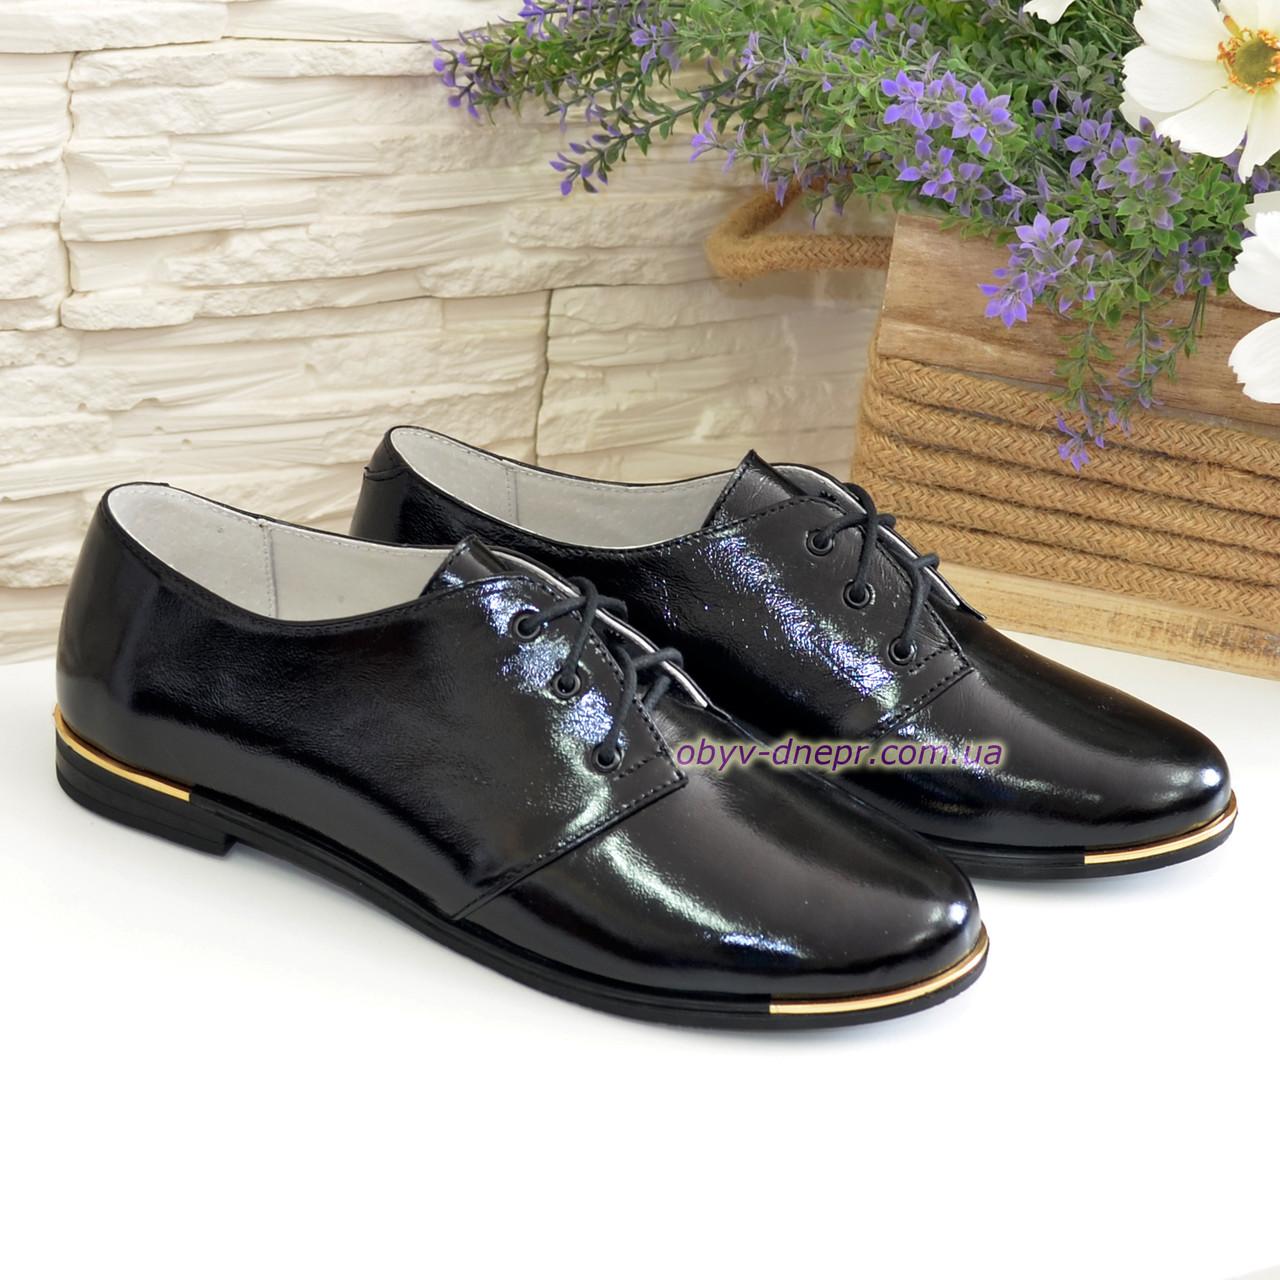 Туфли женские черные лаковые на шнуровке, низкий ход.